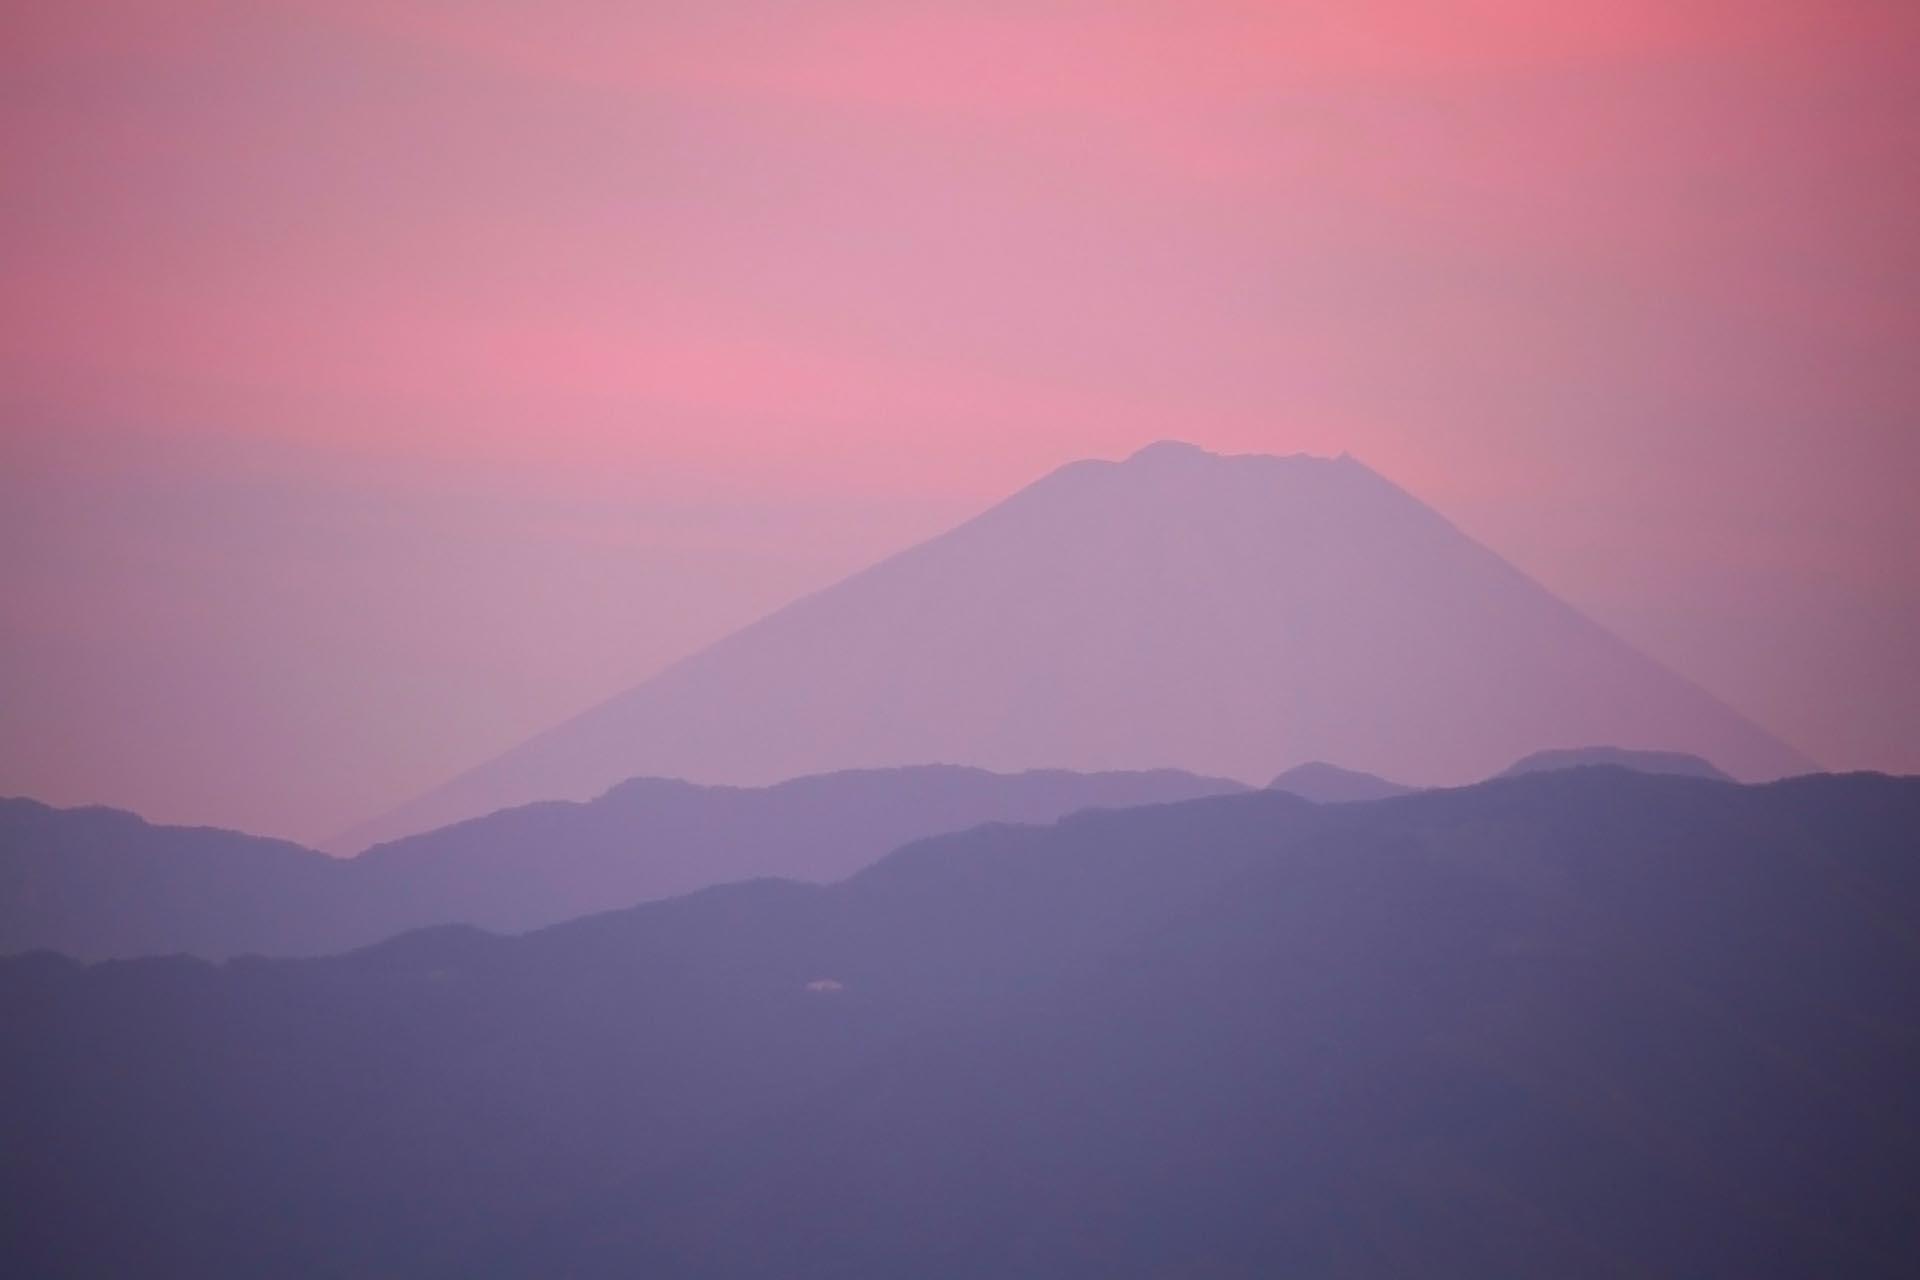 甲府城から見る夕暮れの富士山 山梨の風景